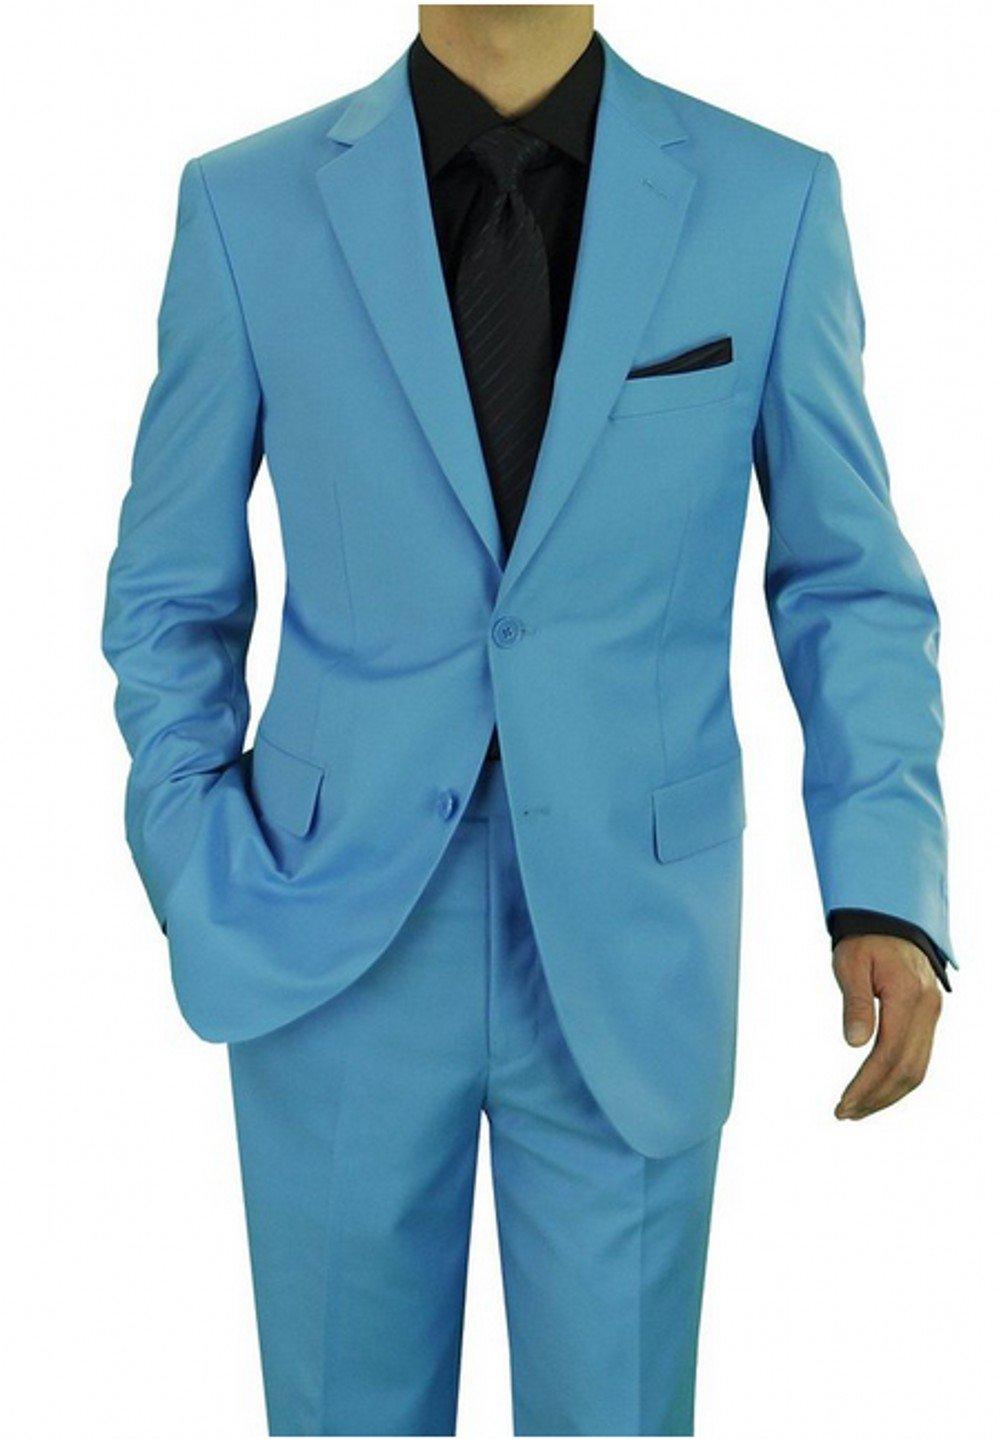 Love Dress Men's Two Button Suit Sky Blue - Includes Jacket and Pants XXXXXXL